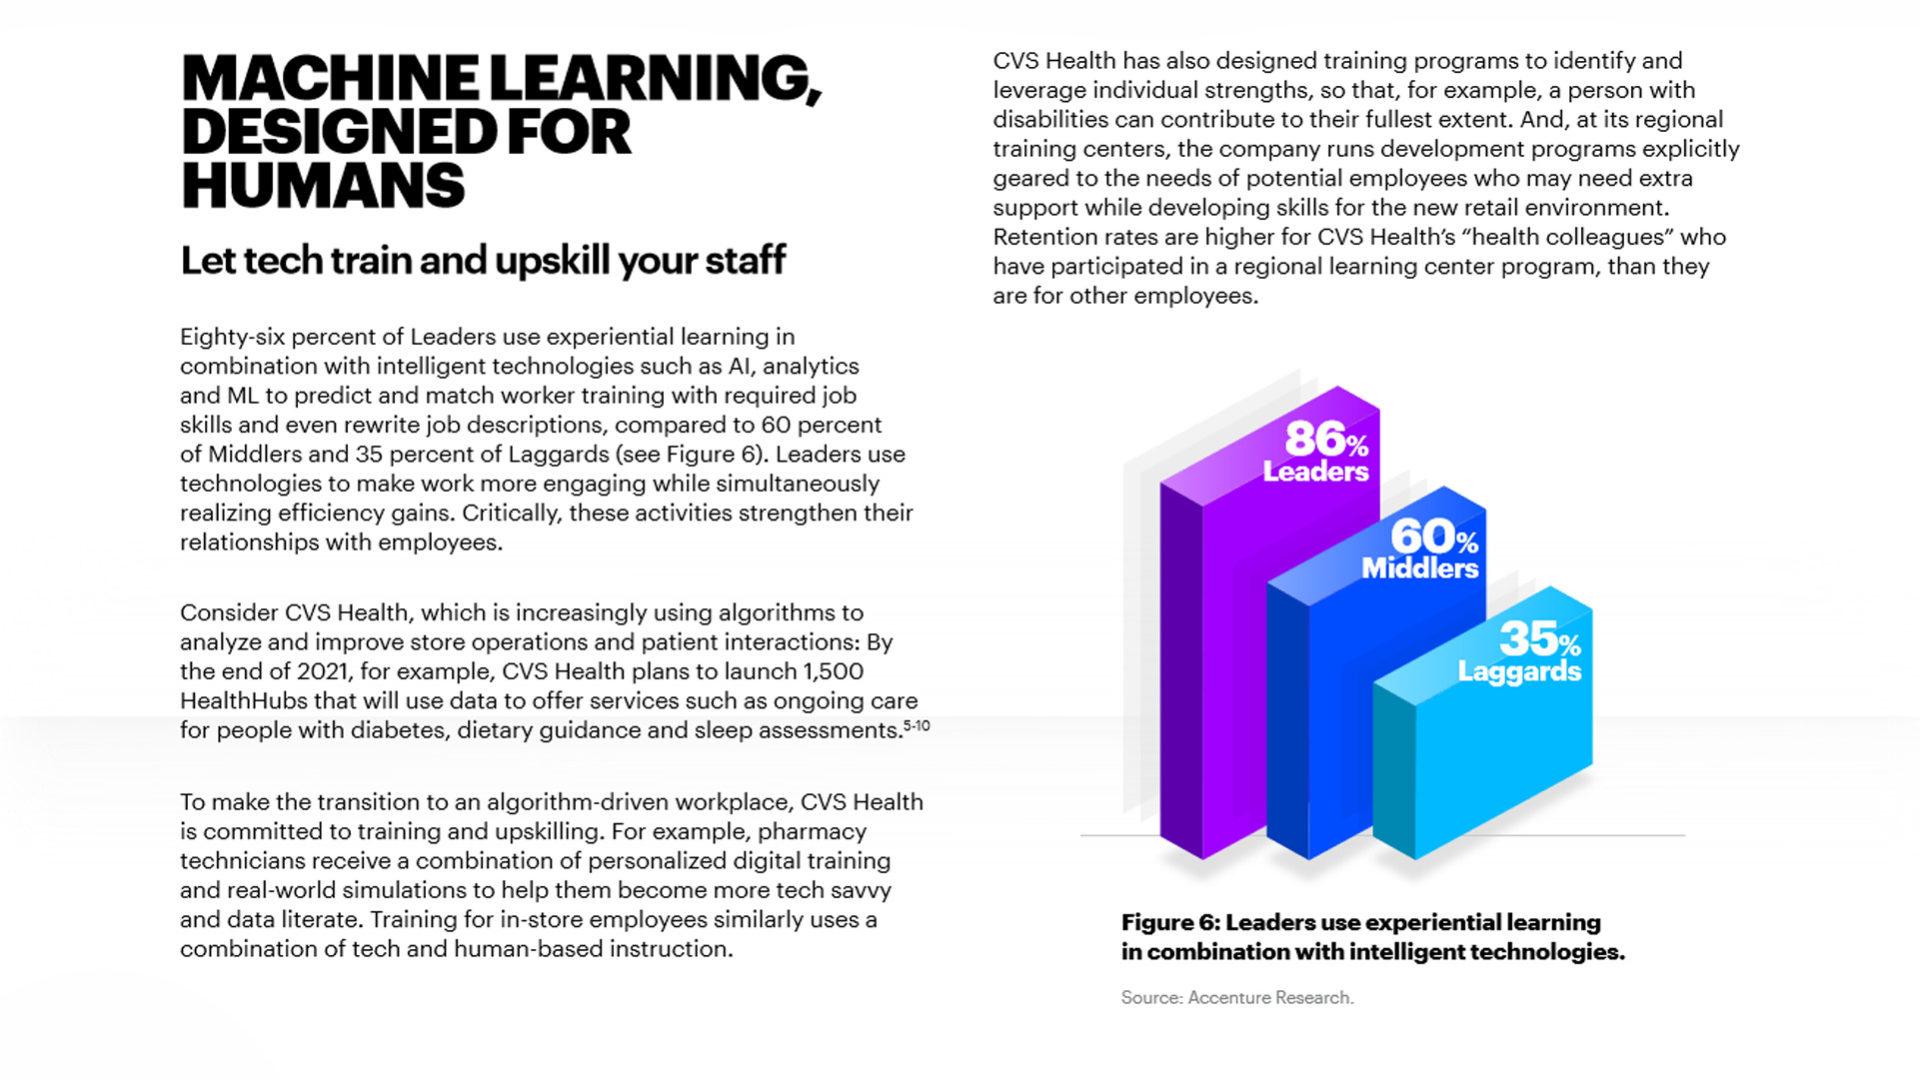 Figura 3 – Le aziende leader utilizzano la formazione esperienziale unitamente con altre tecnologie intelligenti. Fonte: Accenture, 2020 2